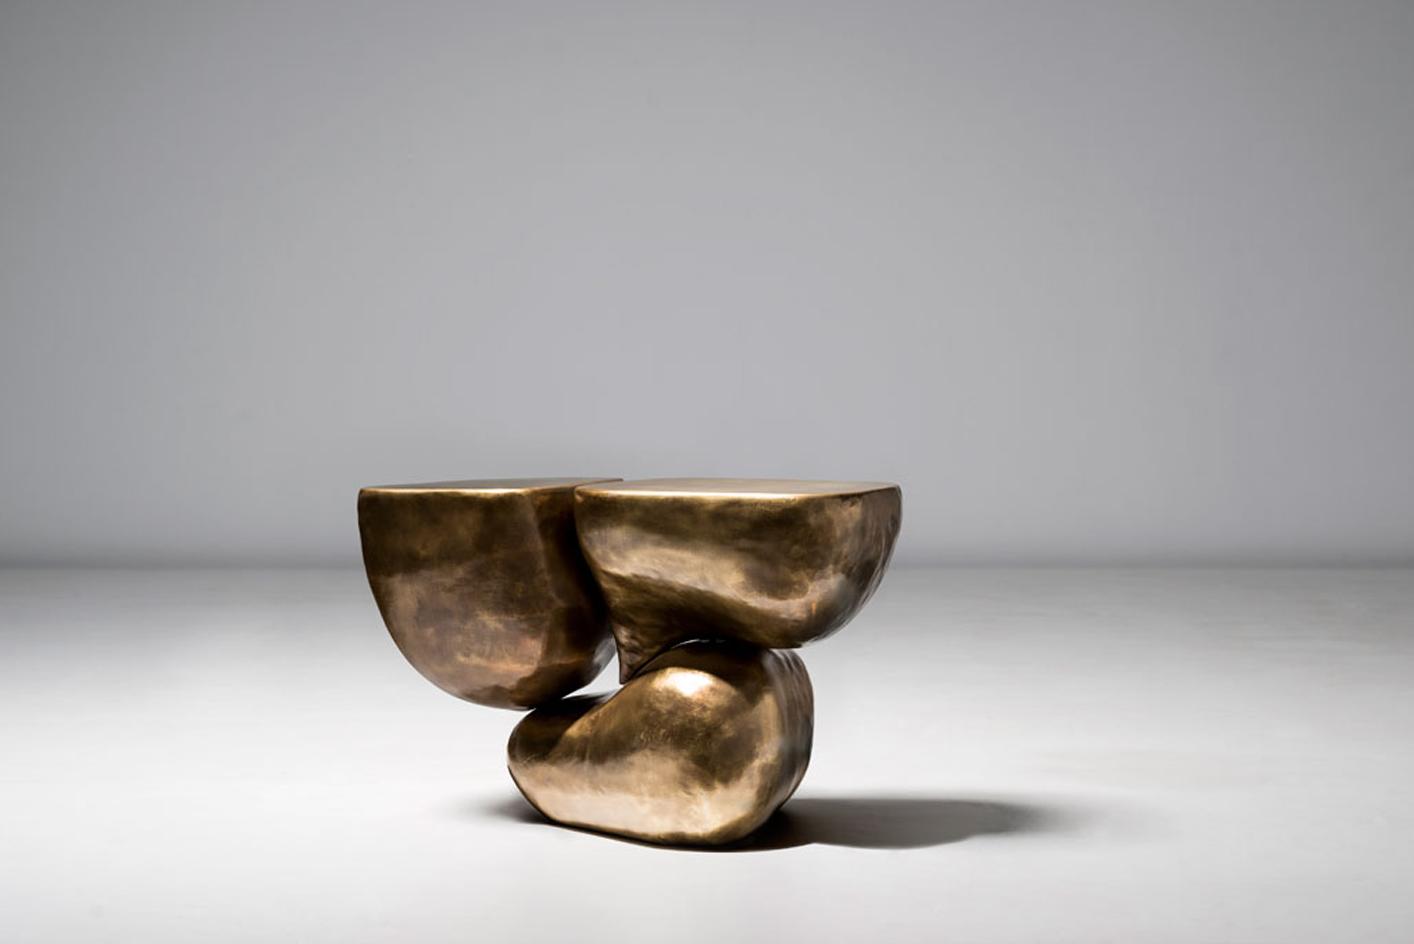 Mauro Mori, Tres Table Les Ateliers Courbet